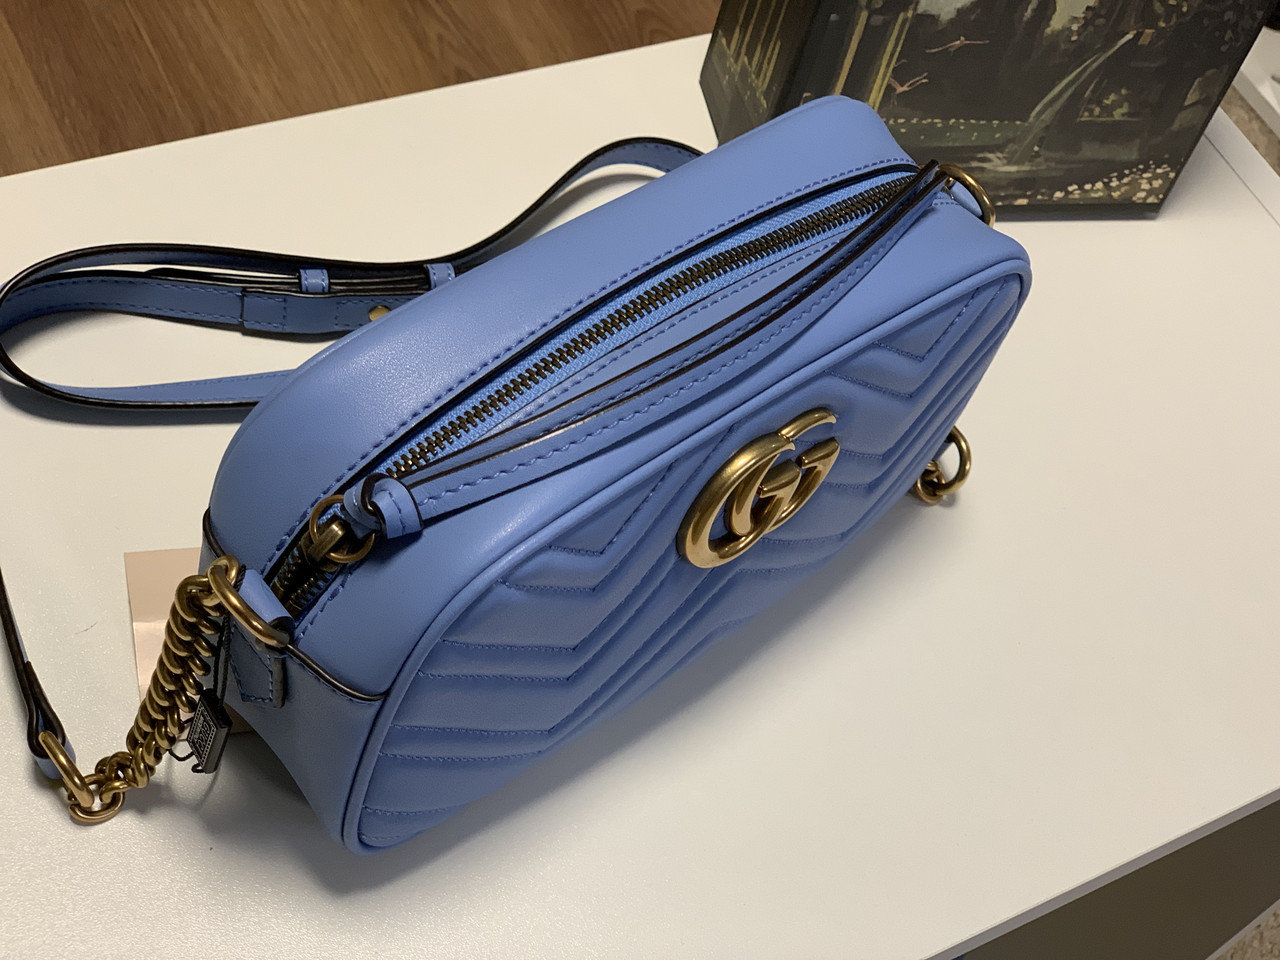 1c8aebefc8e4 Женская сумка Gucci купить в Киеве | vkstore.com.ua